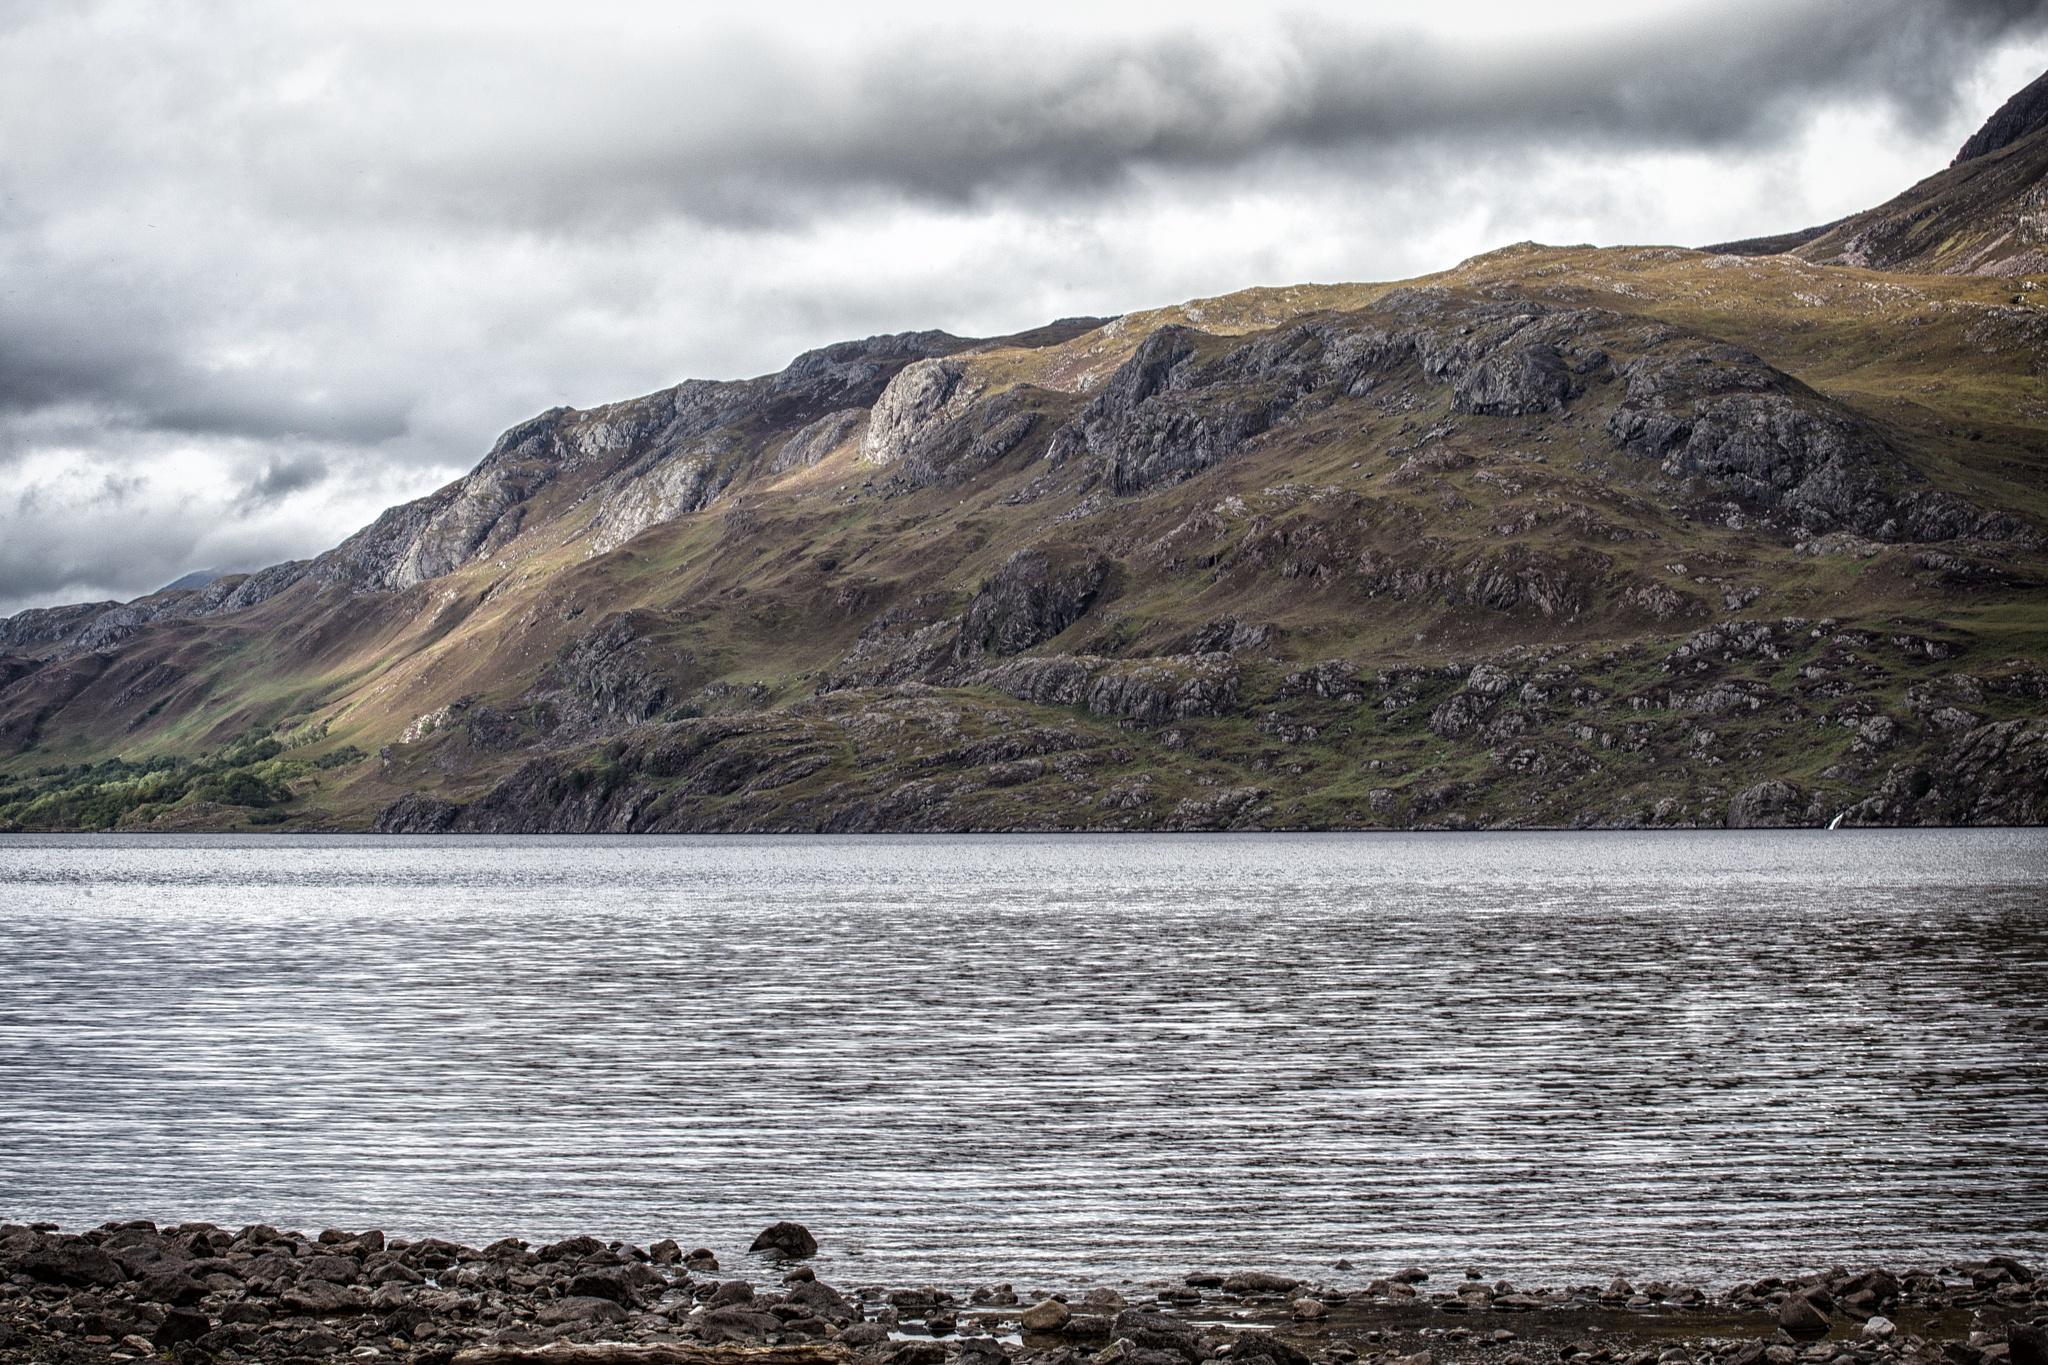 Loch Maree by isegarth